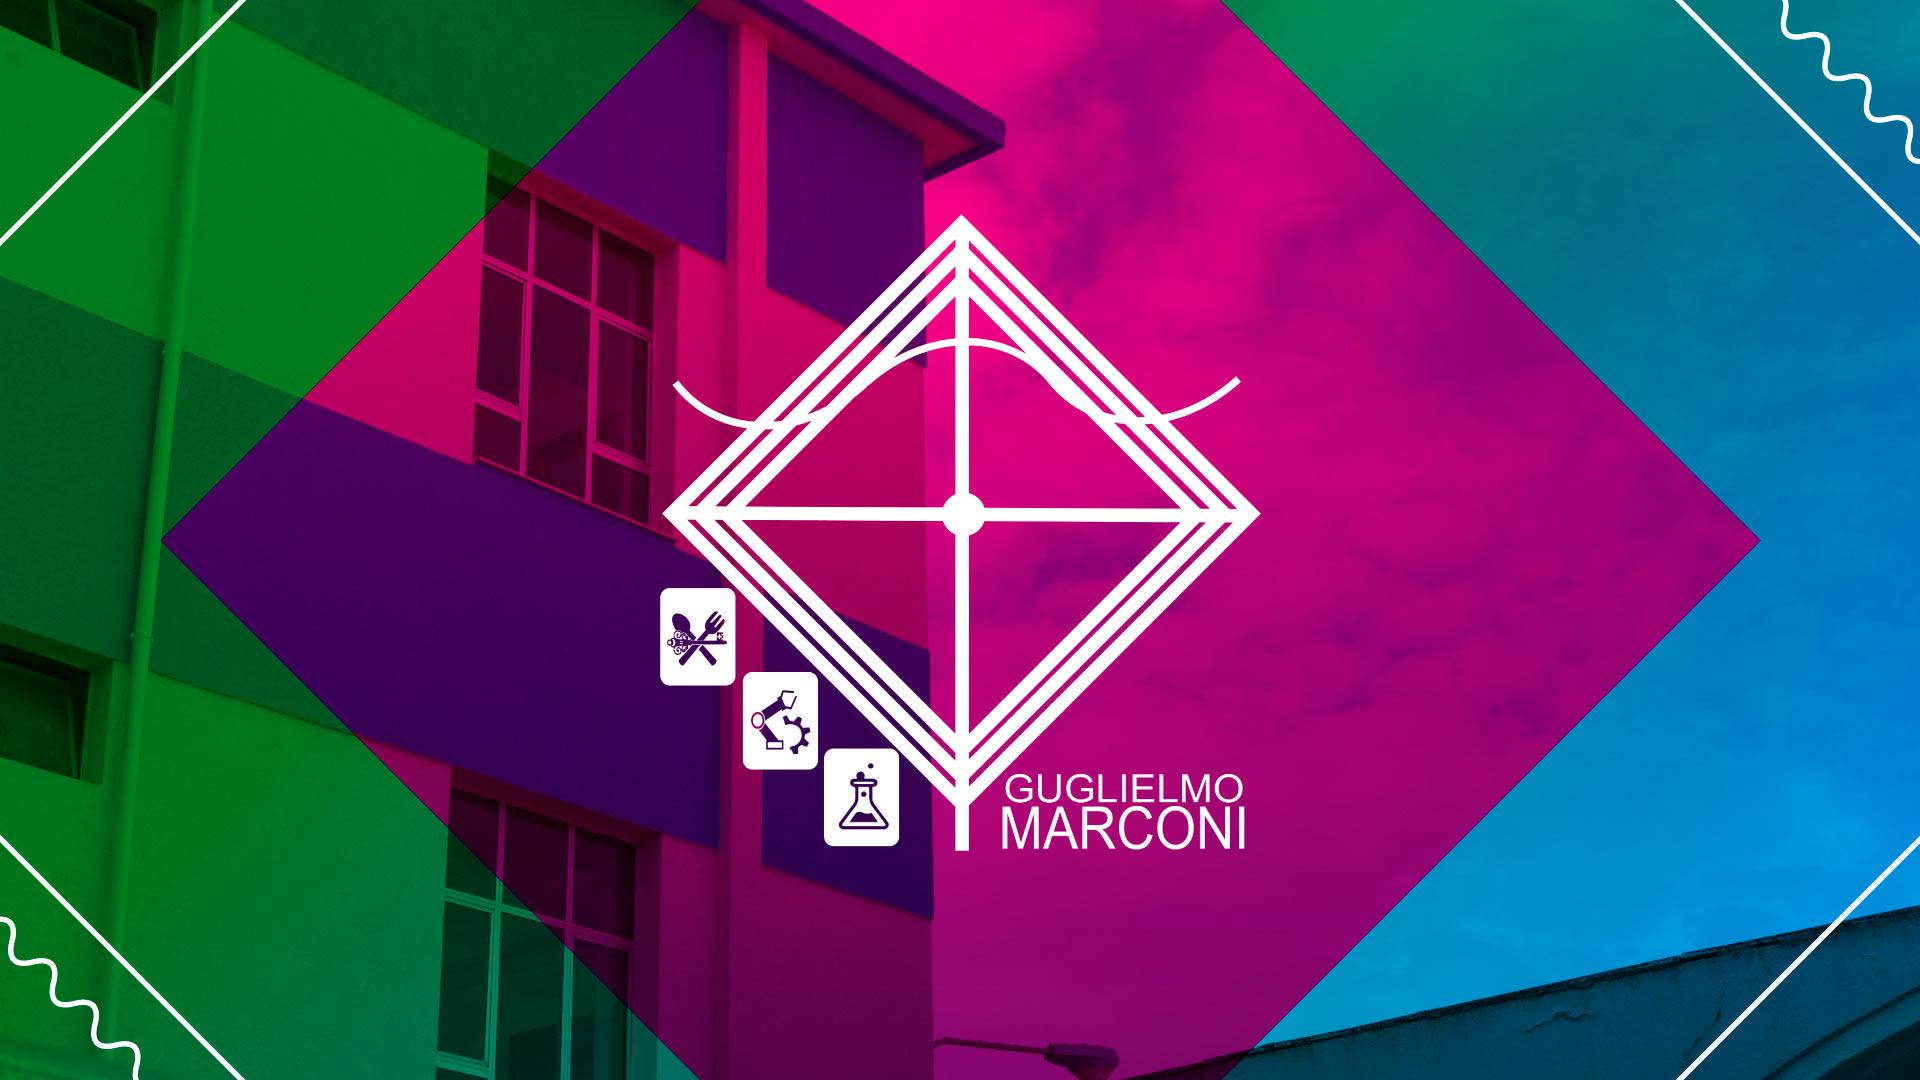 istituto Marconi vittoria - social